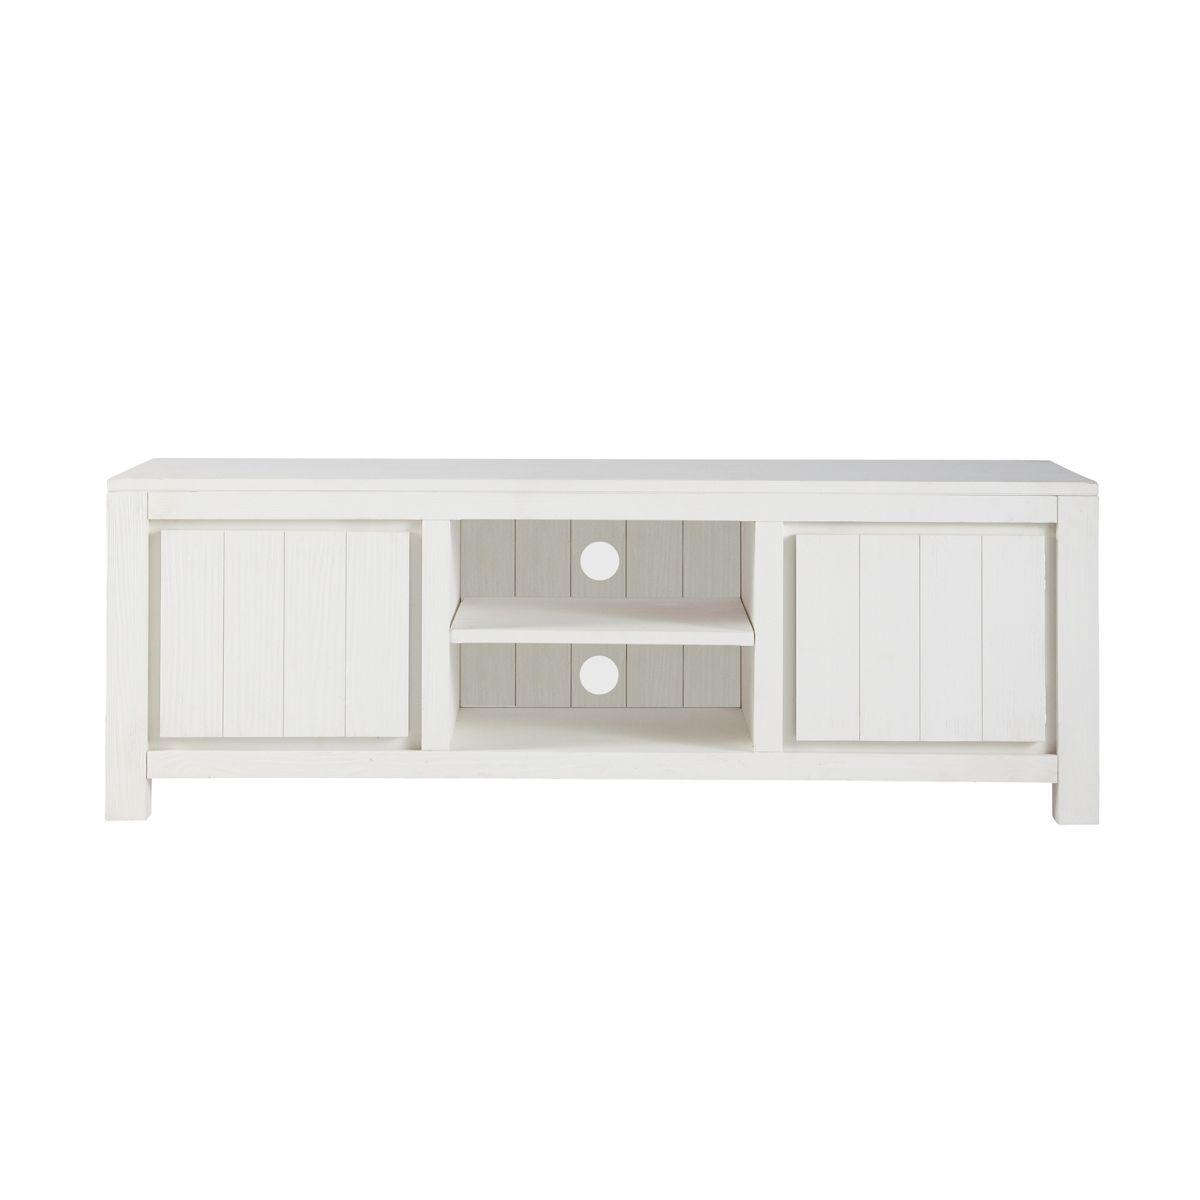 meuble tv en bois massif blanc l 145 cm white - Meuble Tv White Maison Du Monde